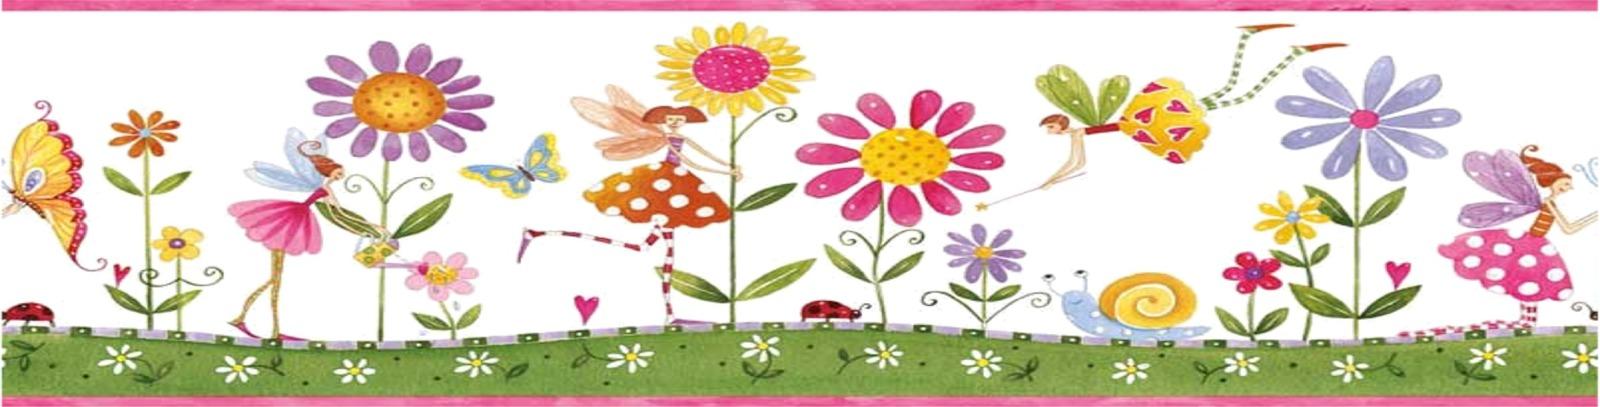 Cenefas Decorativas Para Ba Ef Bf Bdo Pinterest